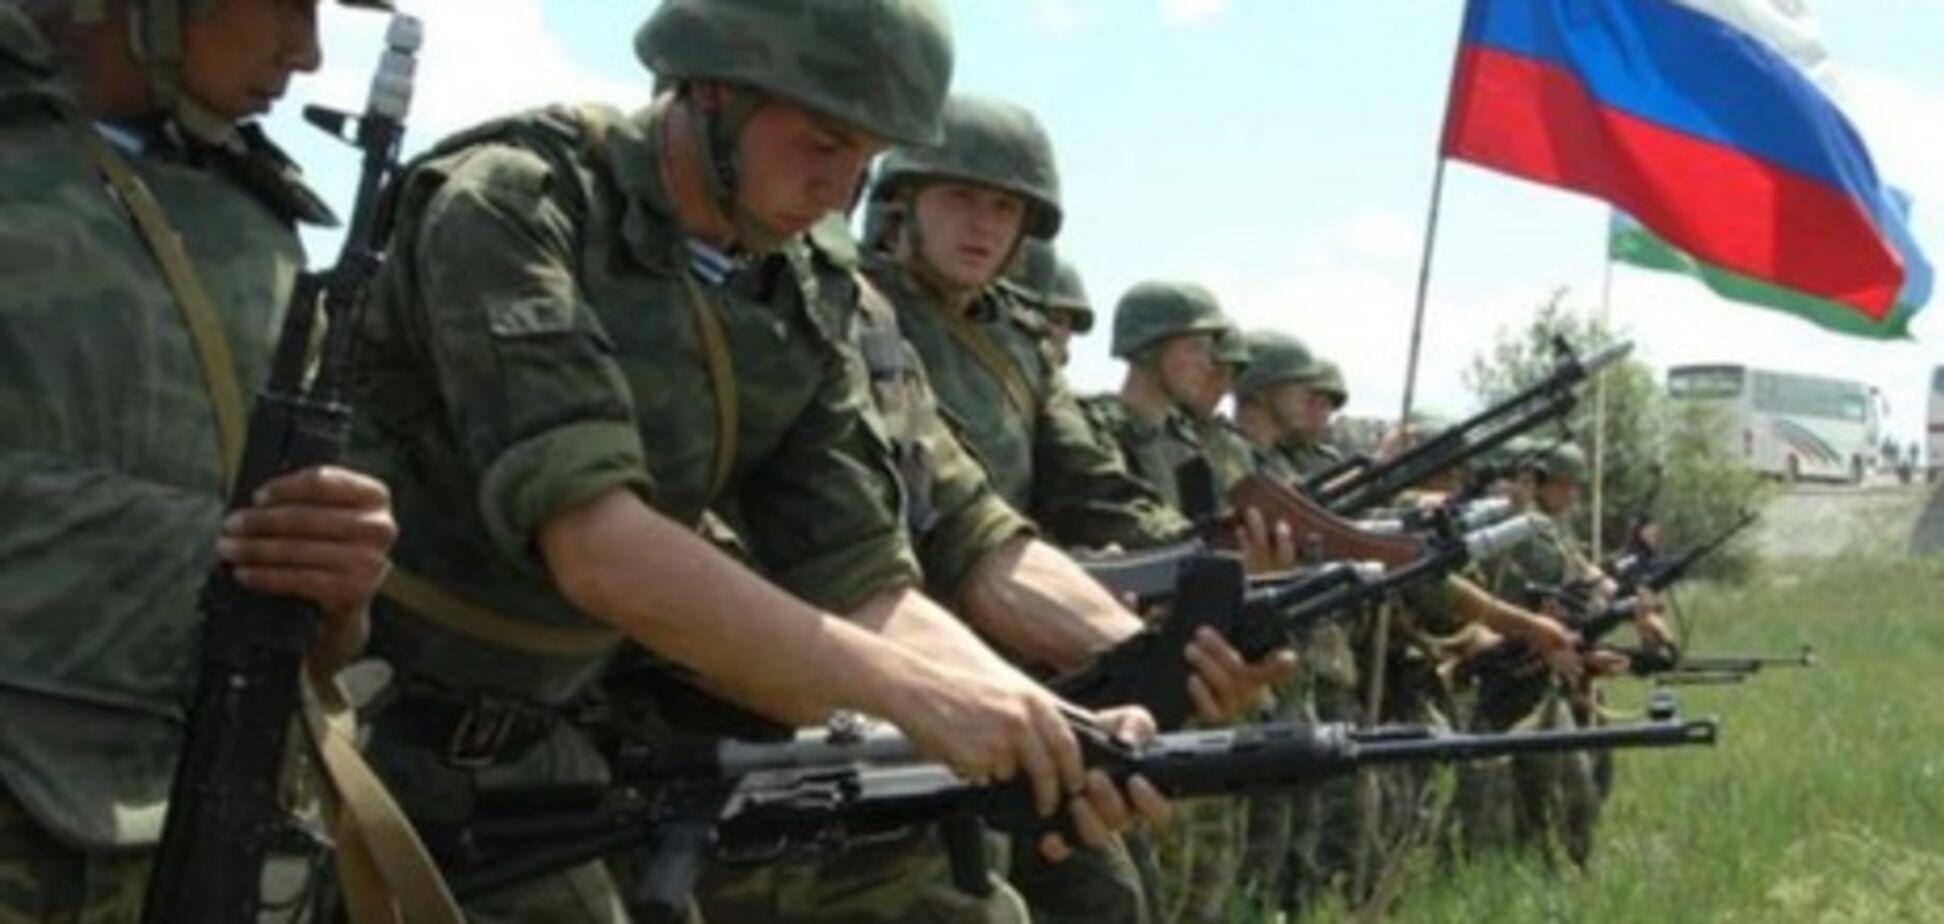 ИхТамЕсть: Федоров доказал, что военных РФ на Донбасс послал генштаб